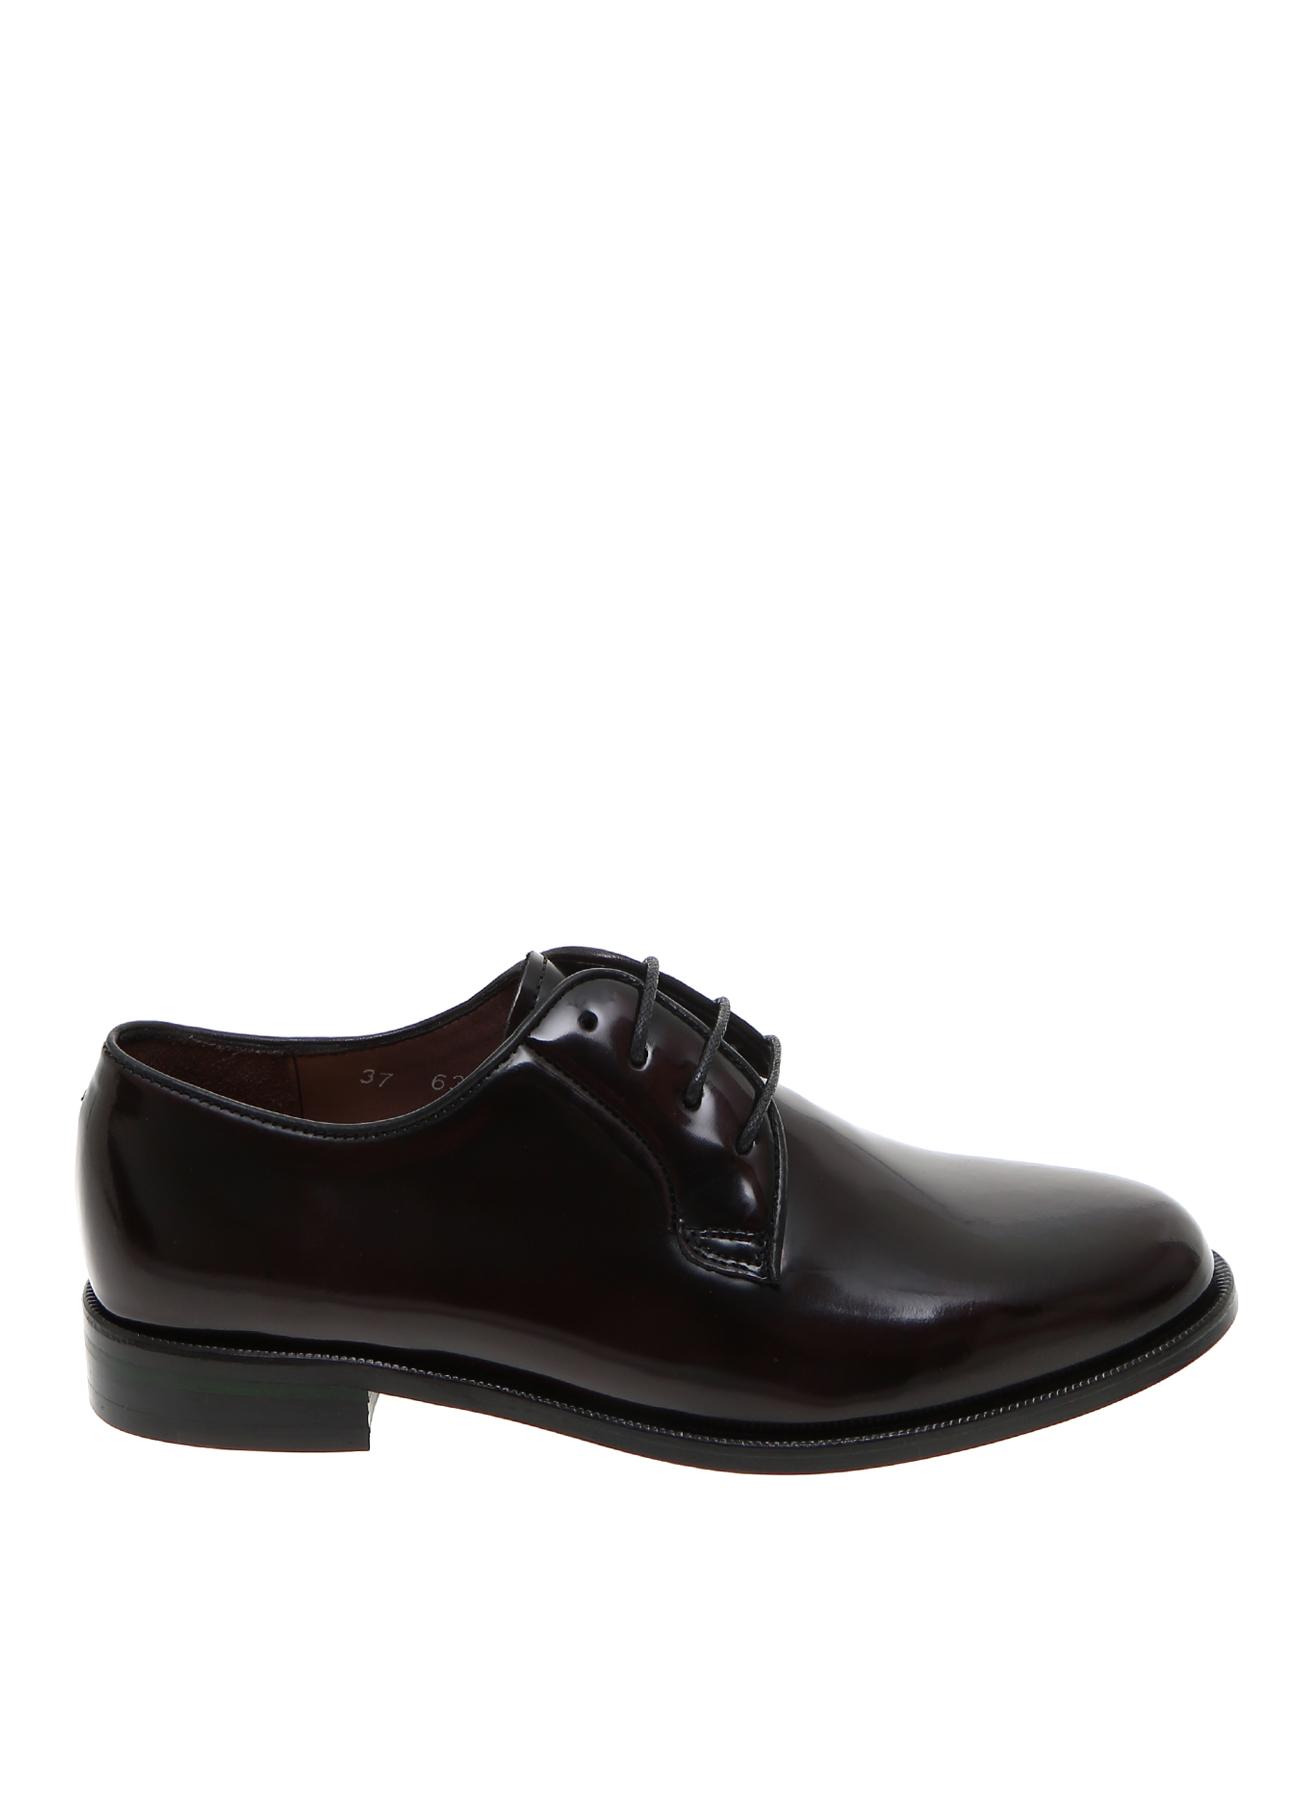 George Hogg Kadın Bordo Deri Düz Ayakkabı 37 5001909204002 Ürün Resmi